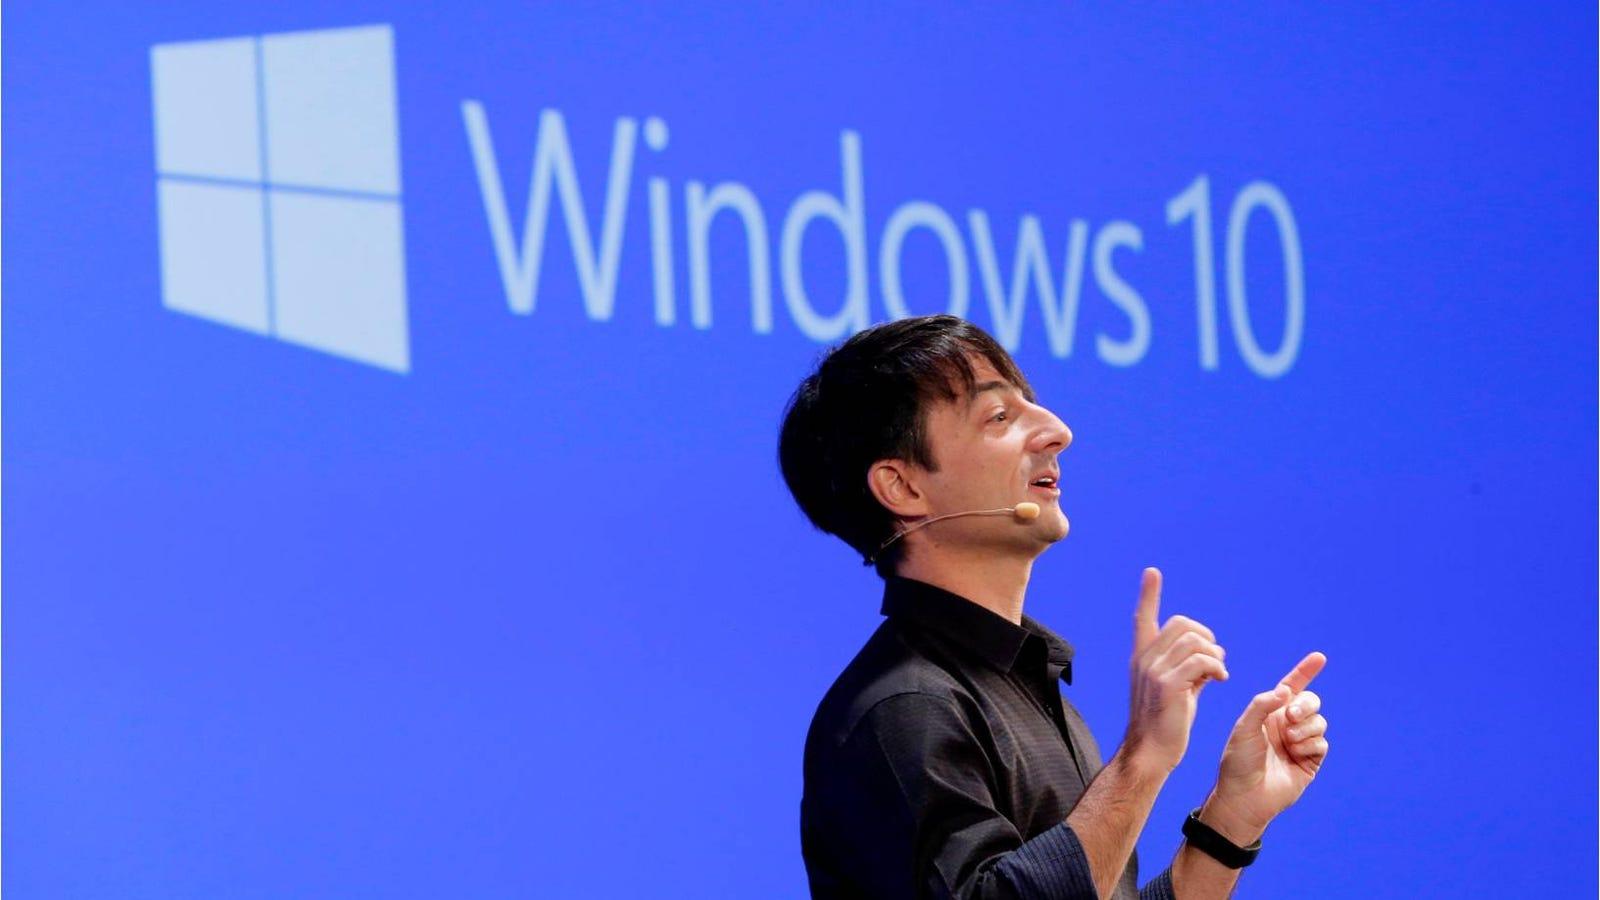 Windows 10: cuando una rectificación a tiempo es una gran victoria